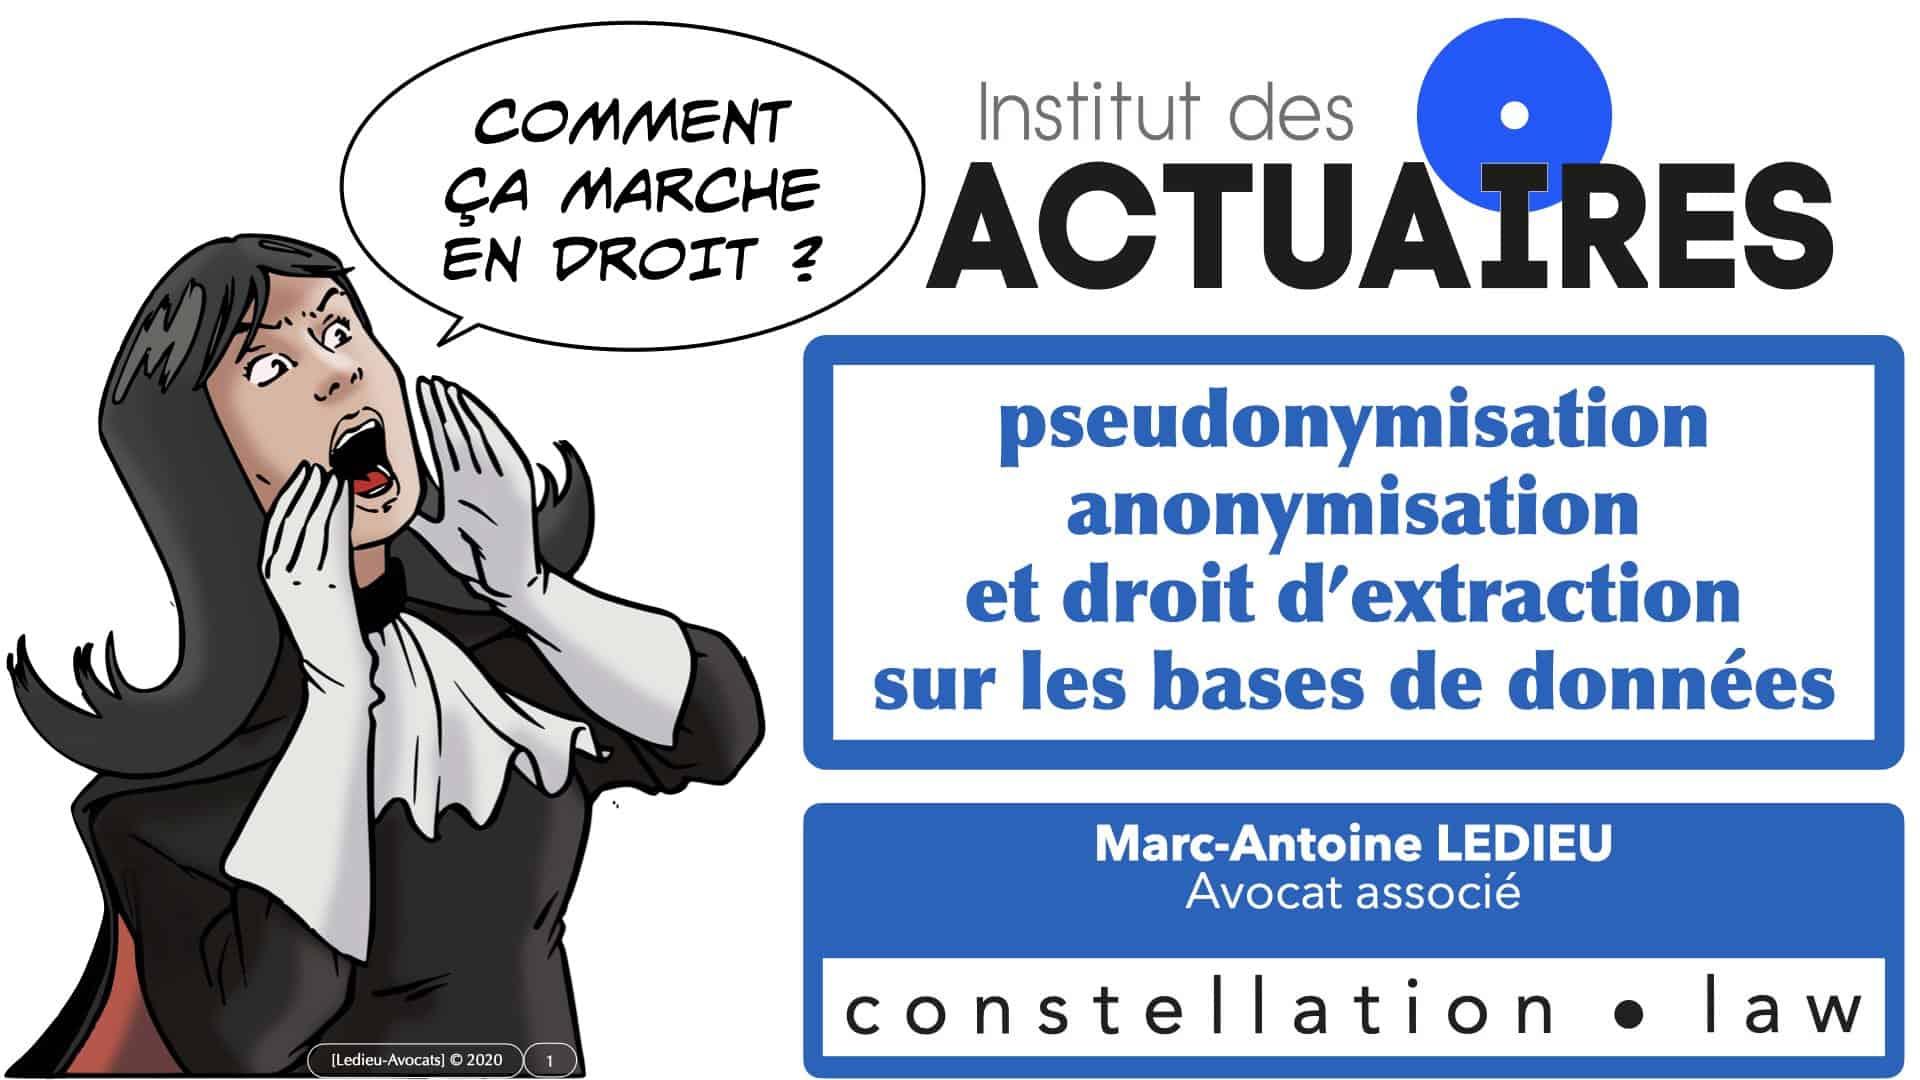 pseudonymisation données ACTUAIRES *16:9* © Ledieu-Avocats 06-11-2020.001